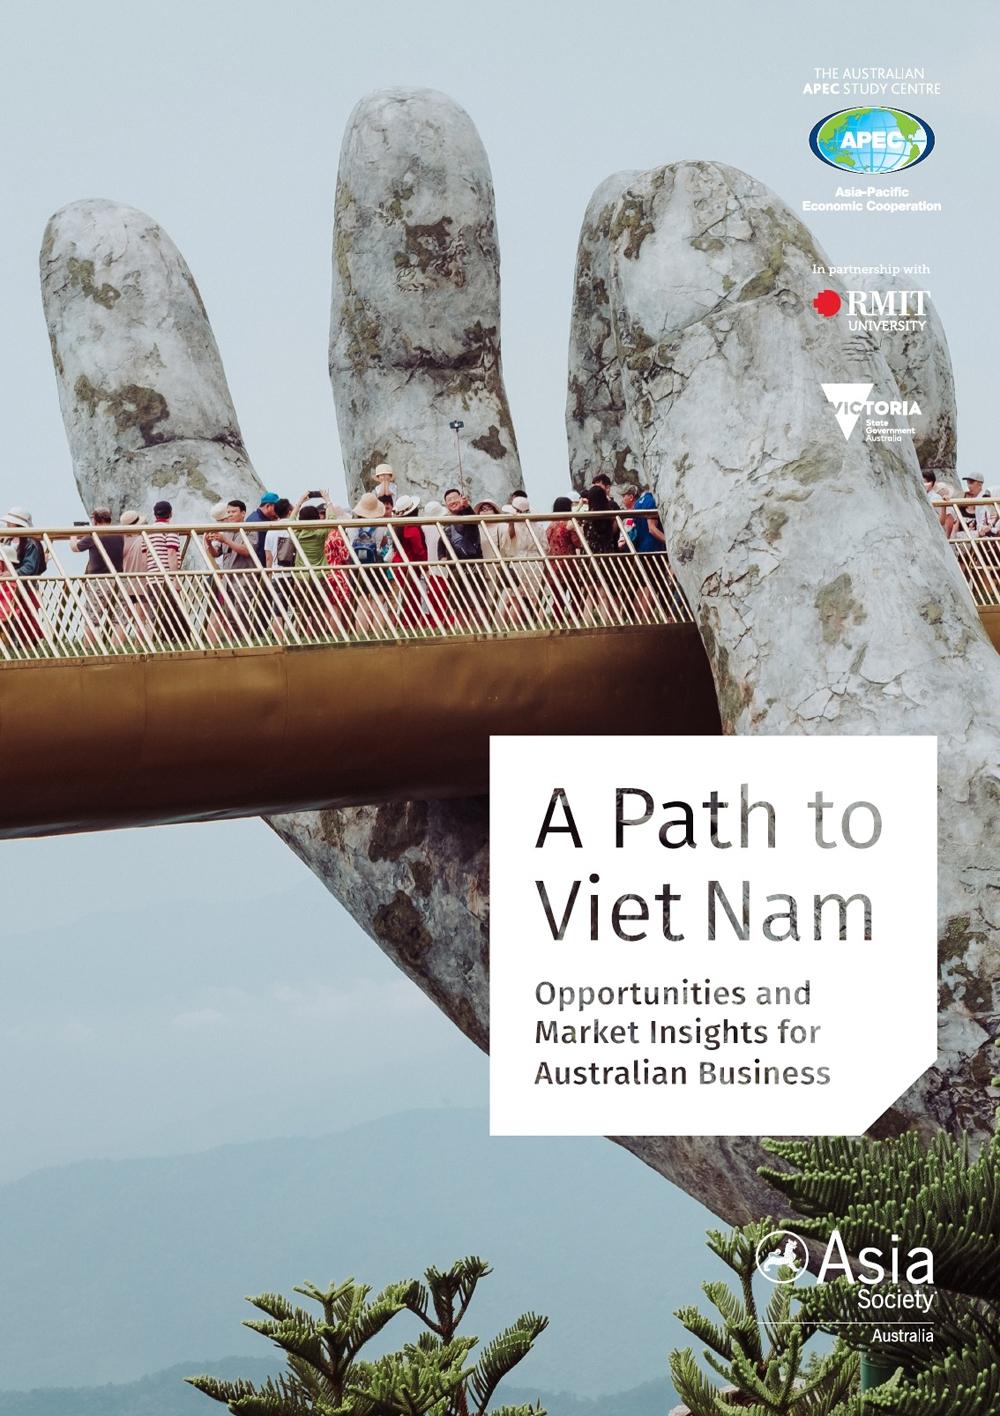 Úc và Việt Nam là đối tác hoàn hảo về thương mại